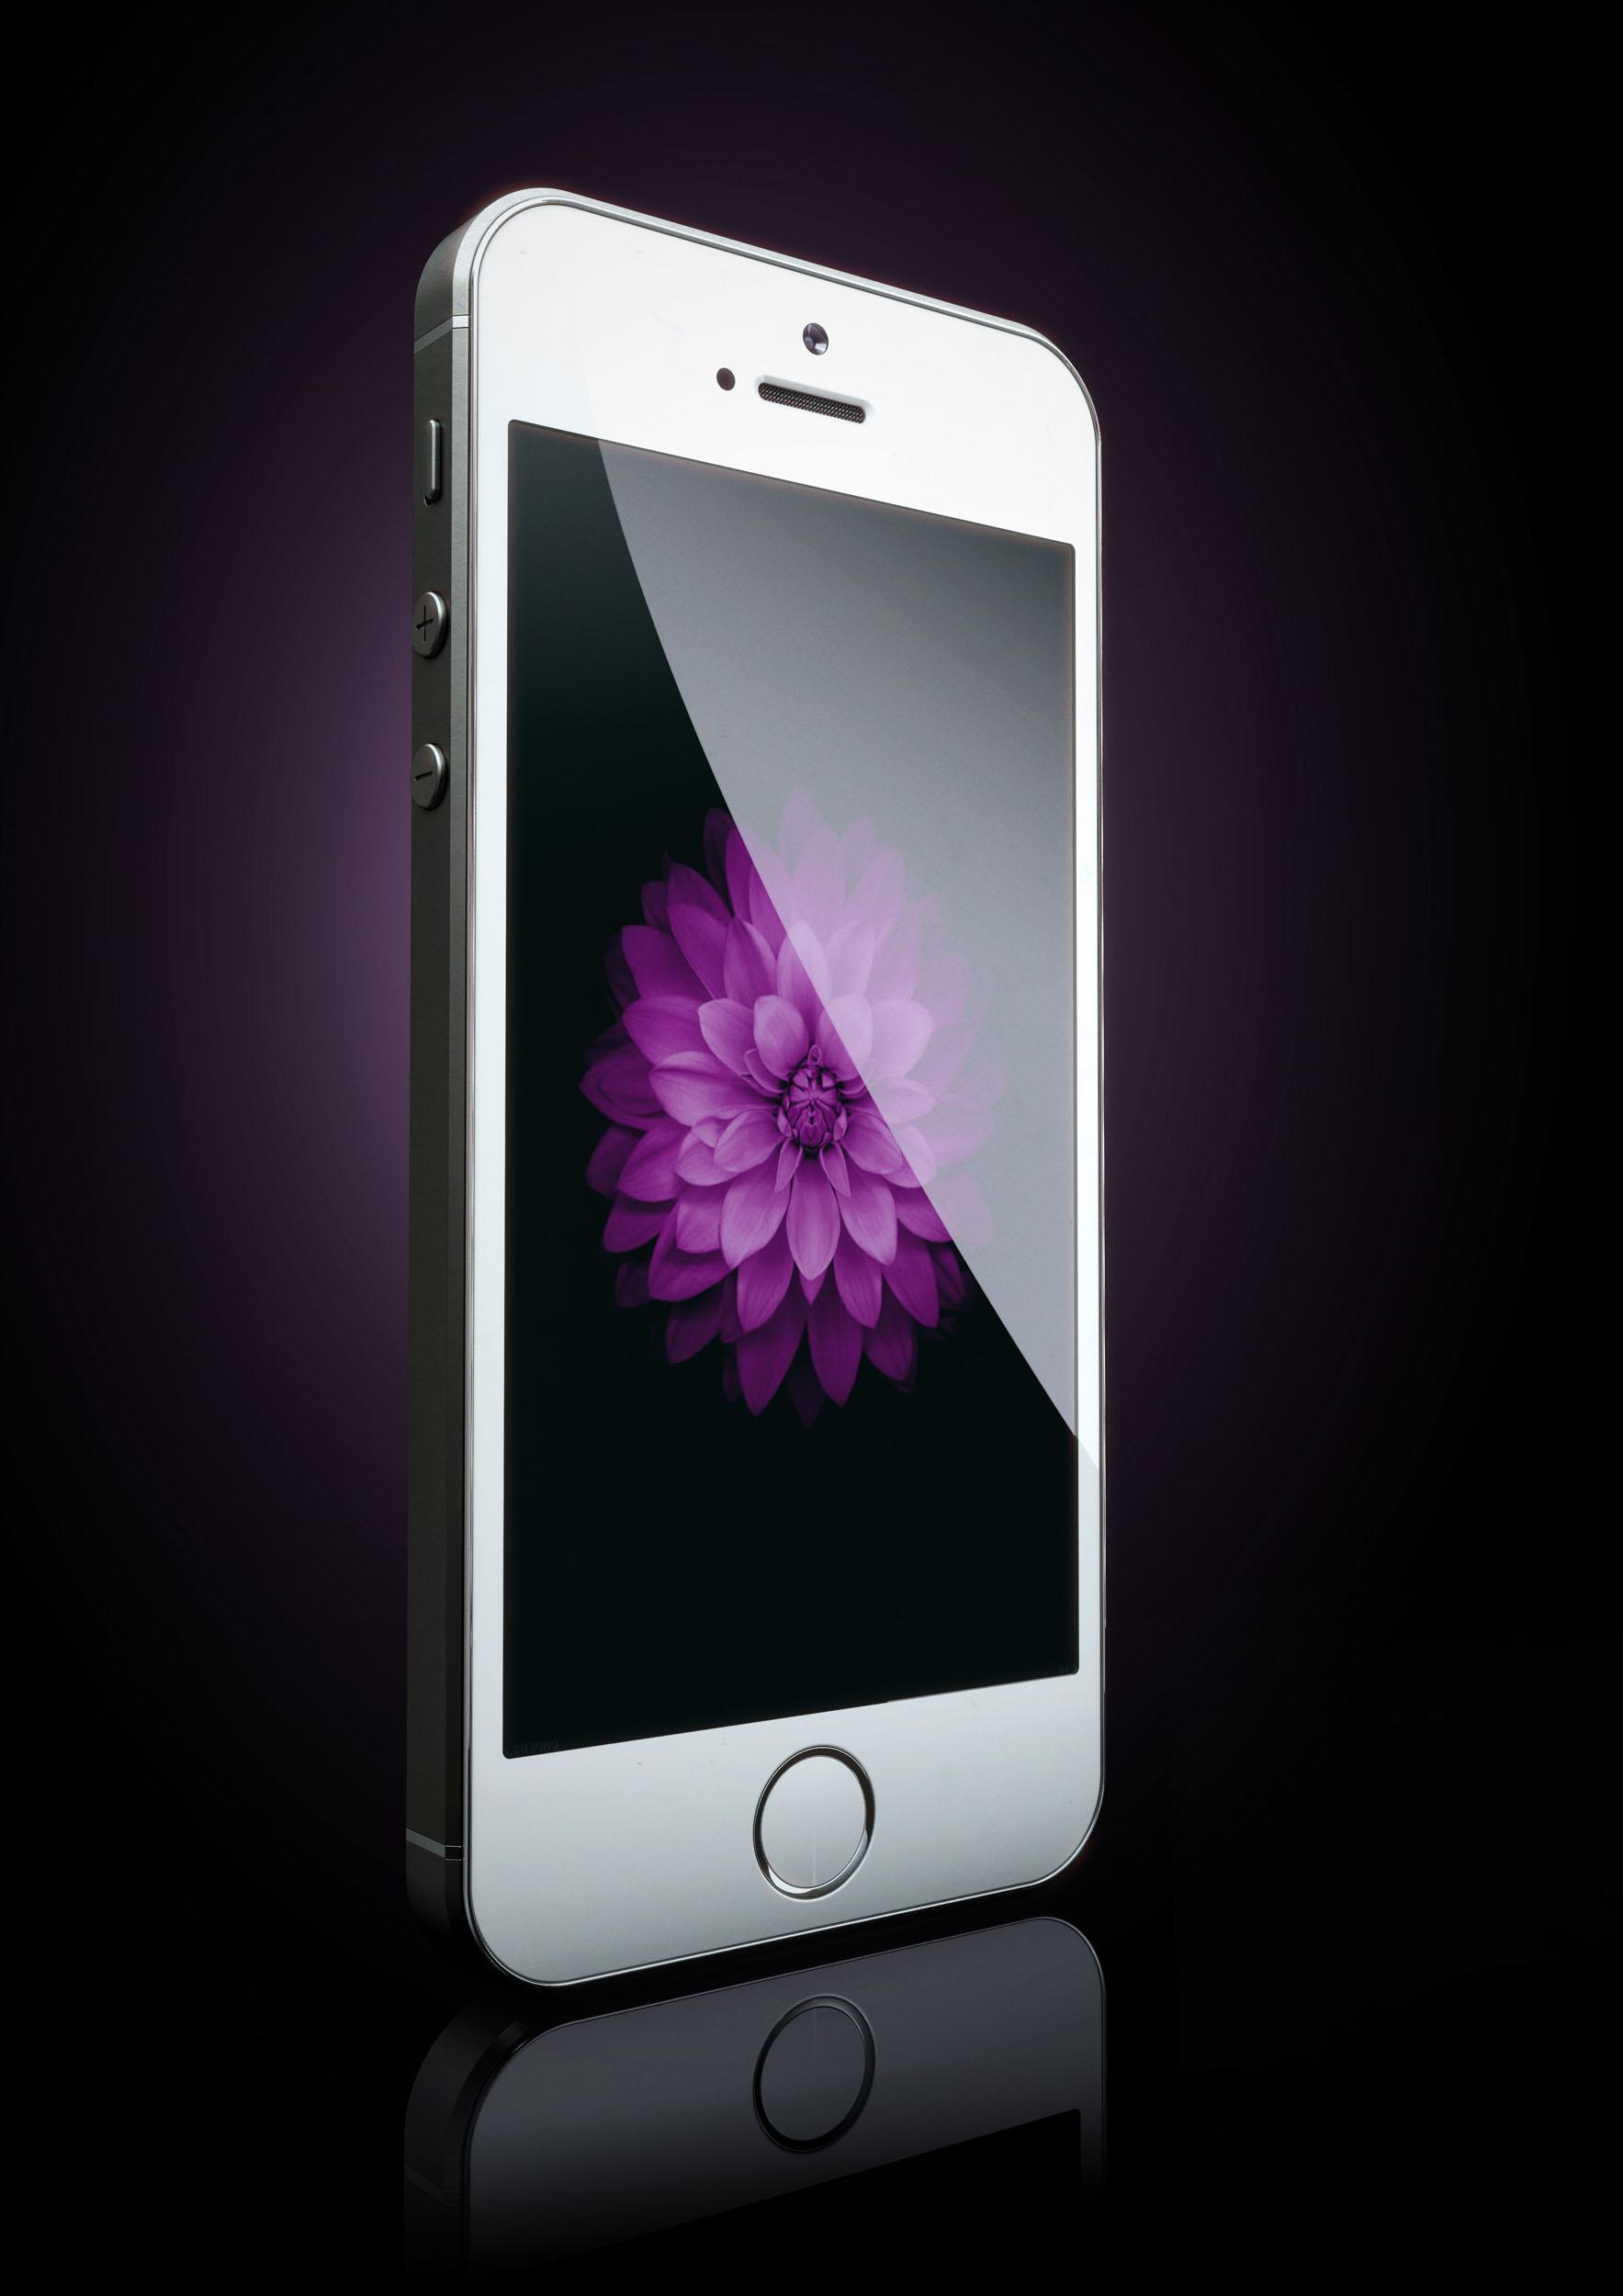 BOOM_CGI_PRODUCT_i-phone.jpg